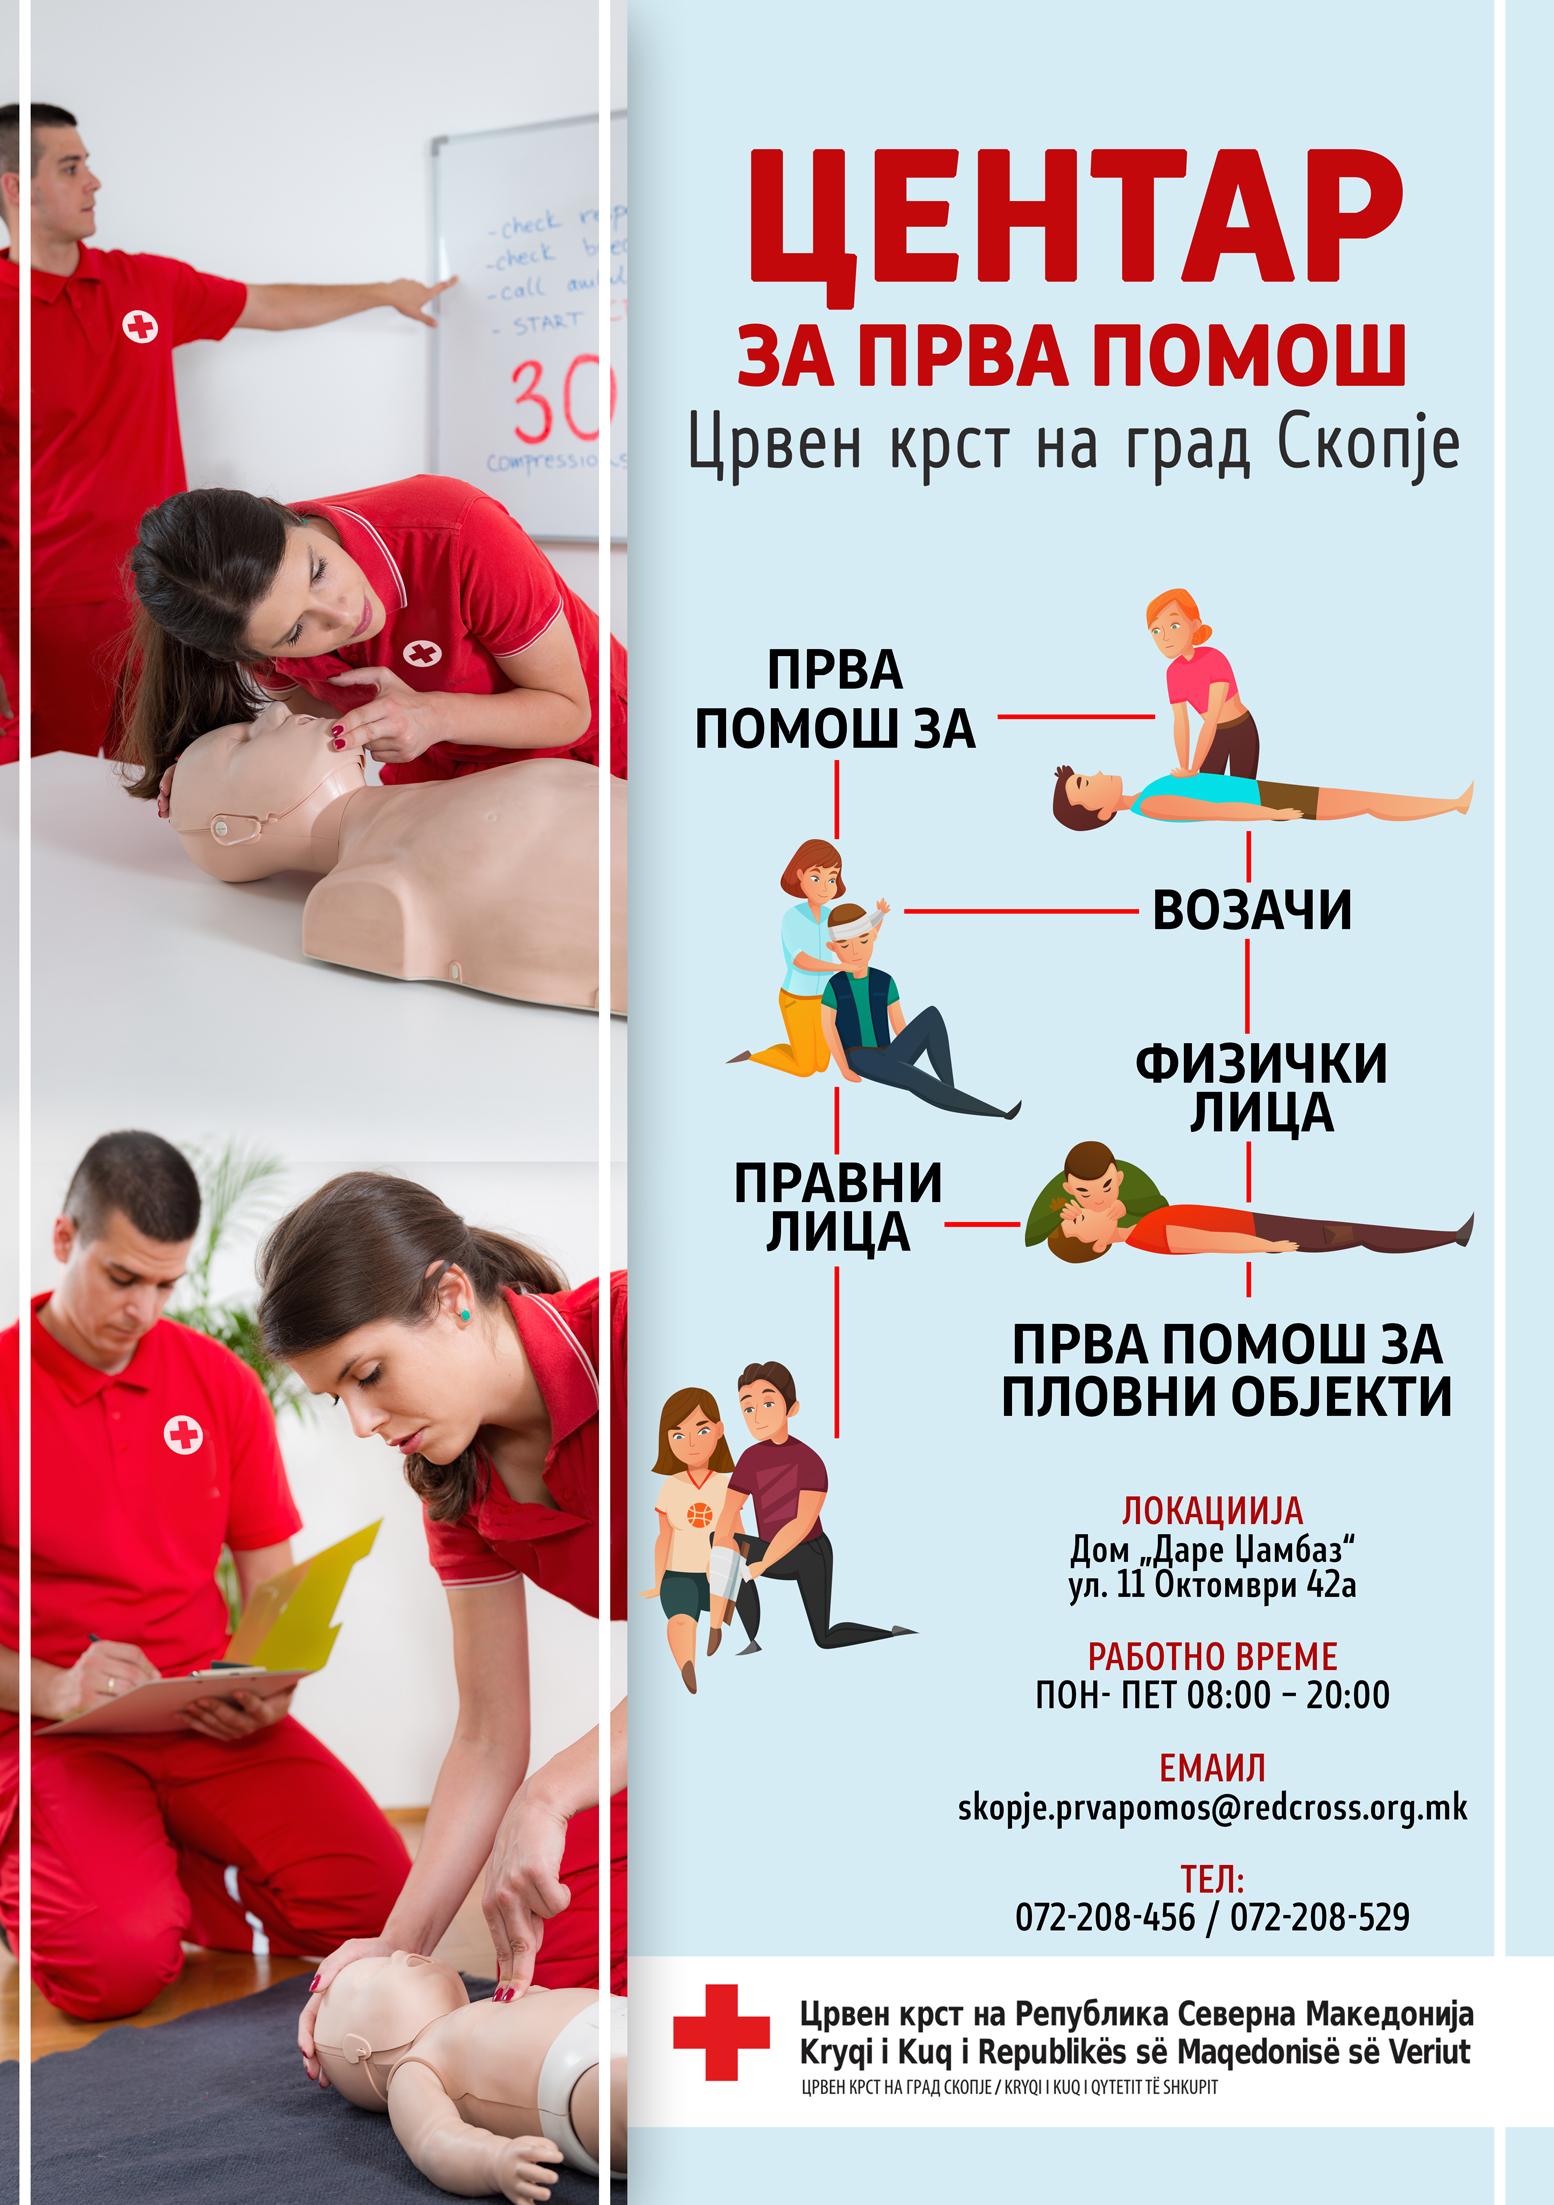 Центар за прва помош – Црвен крст на град Скопје